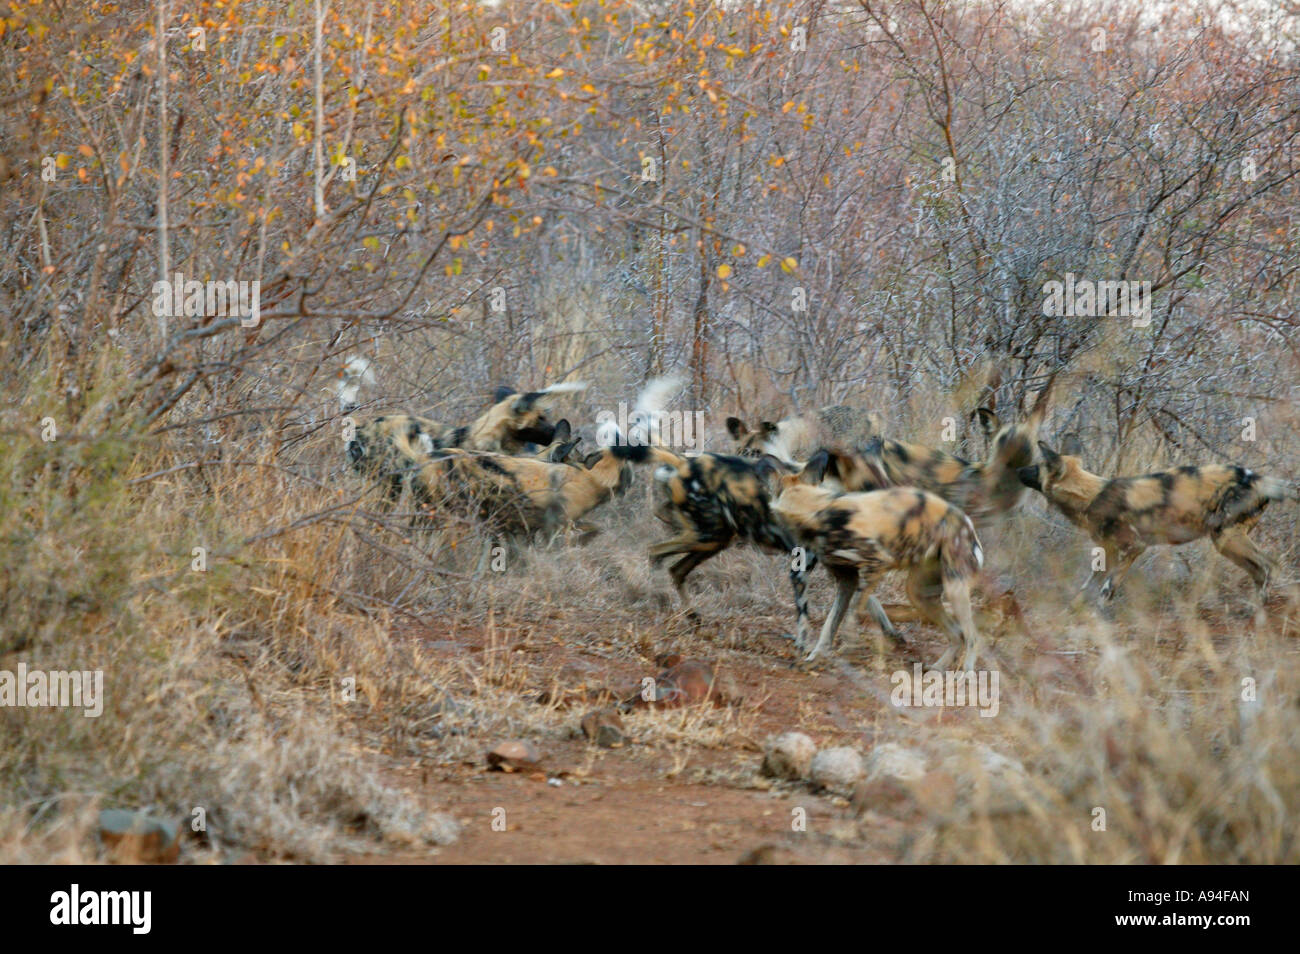 Cani selvatici Capo Caccia cane in una sfocatura durante le attività di socializzazione poco prima di spostarsi Immagini Stock